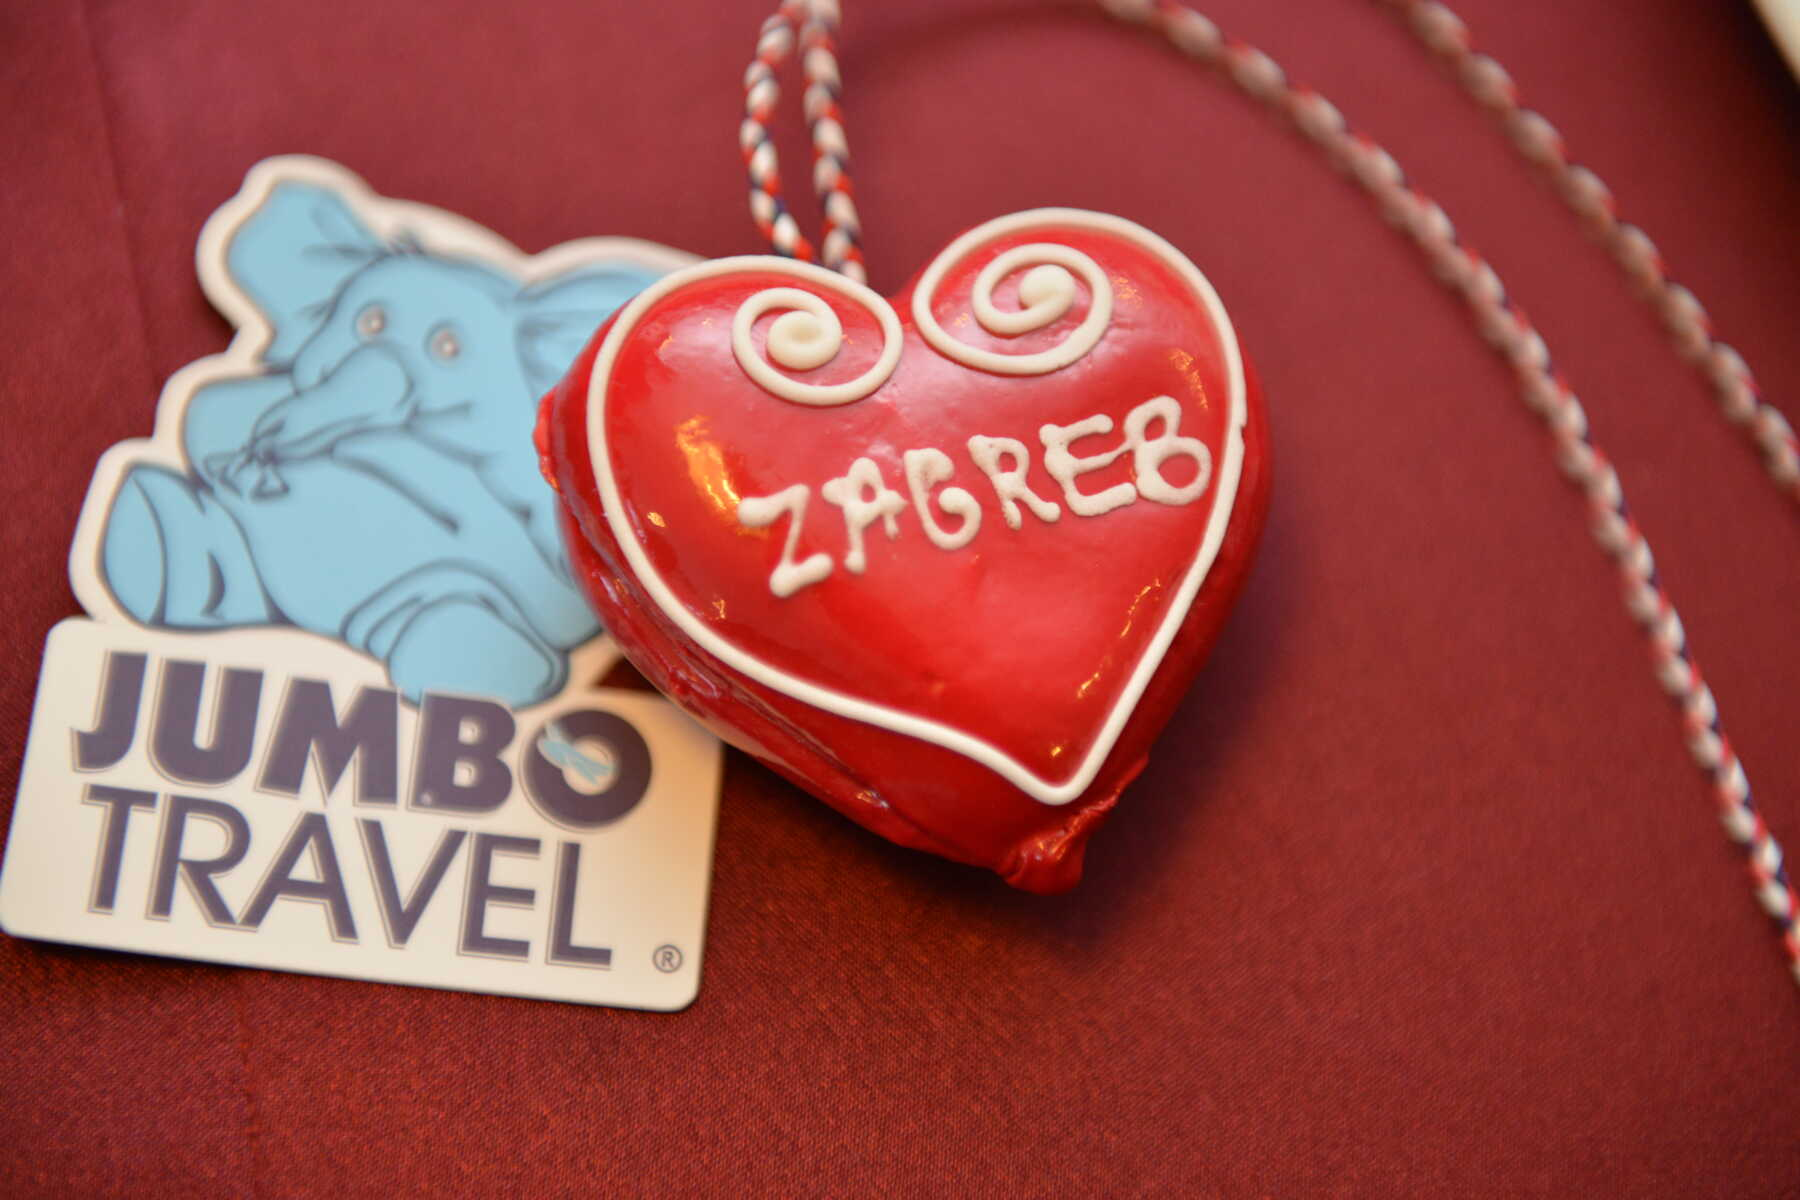 Zagreb - licidarsko srce, putovanja